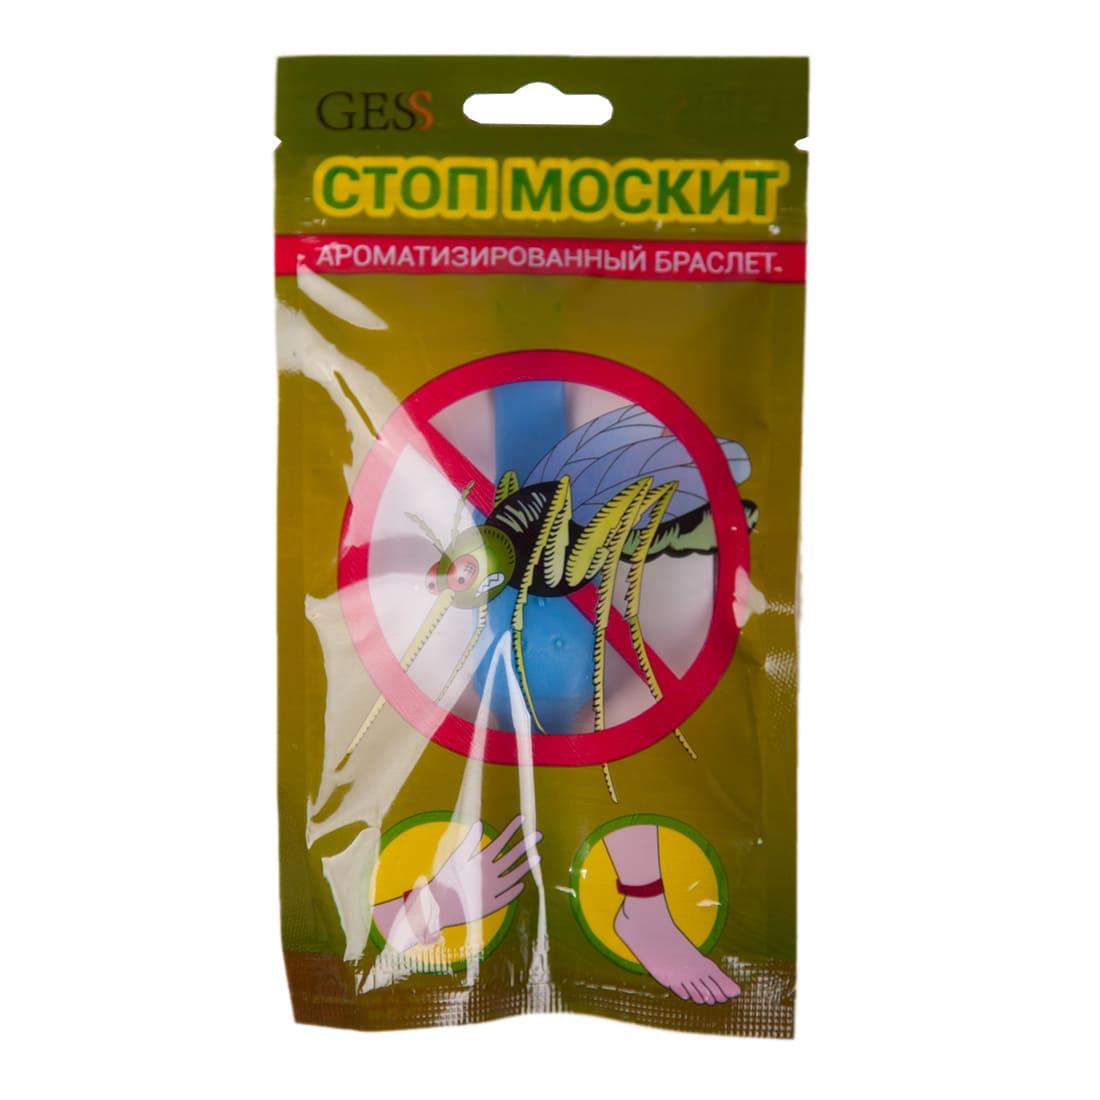 Стоп Москит антикомариный браслет